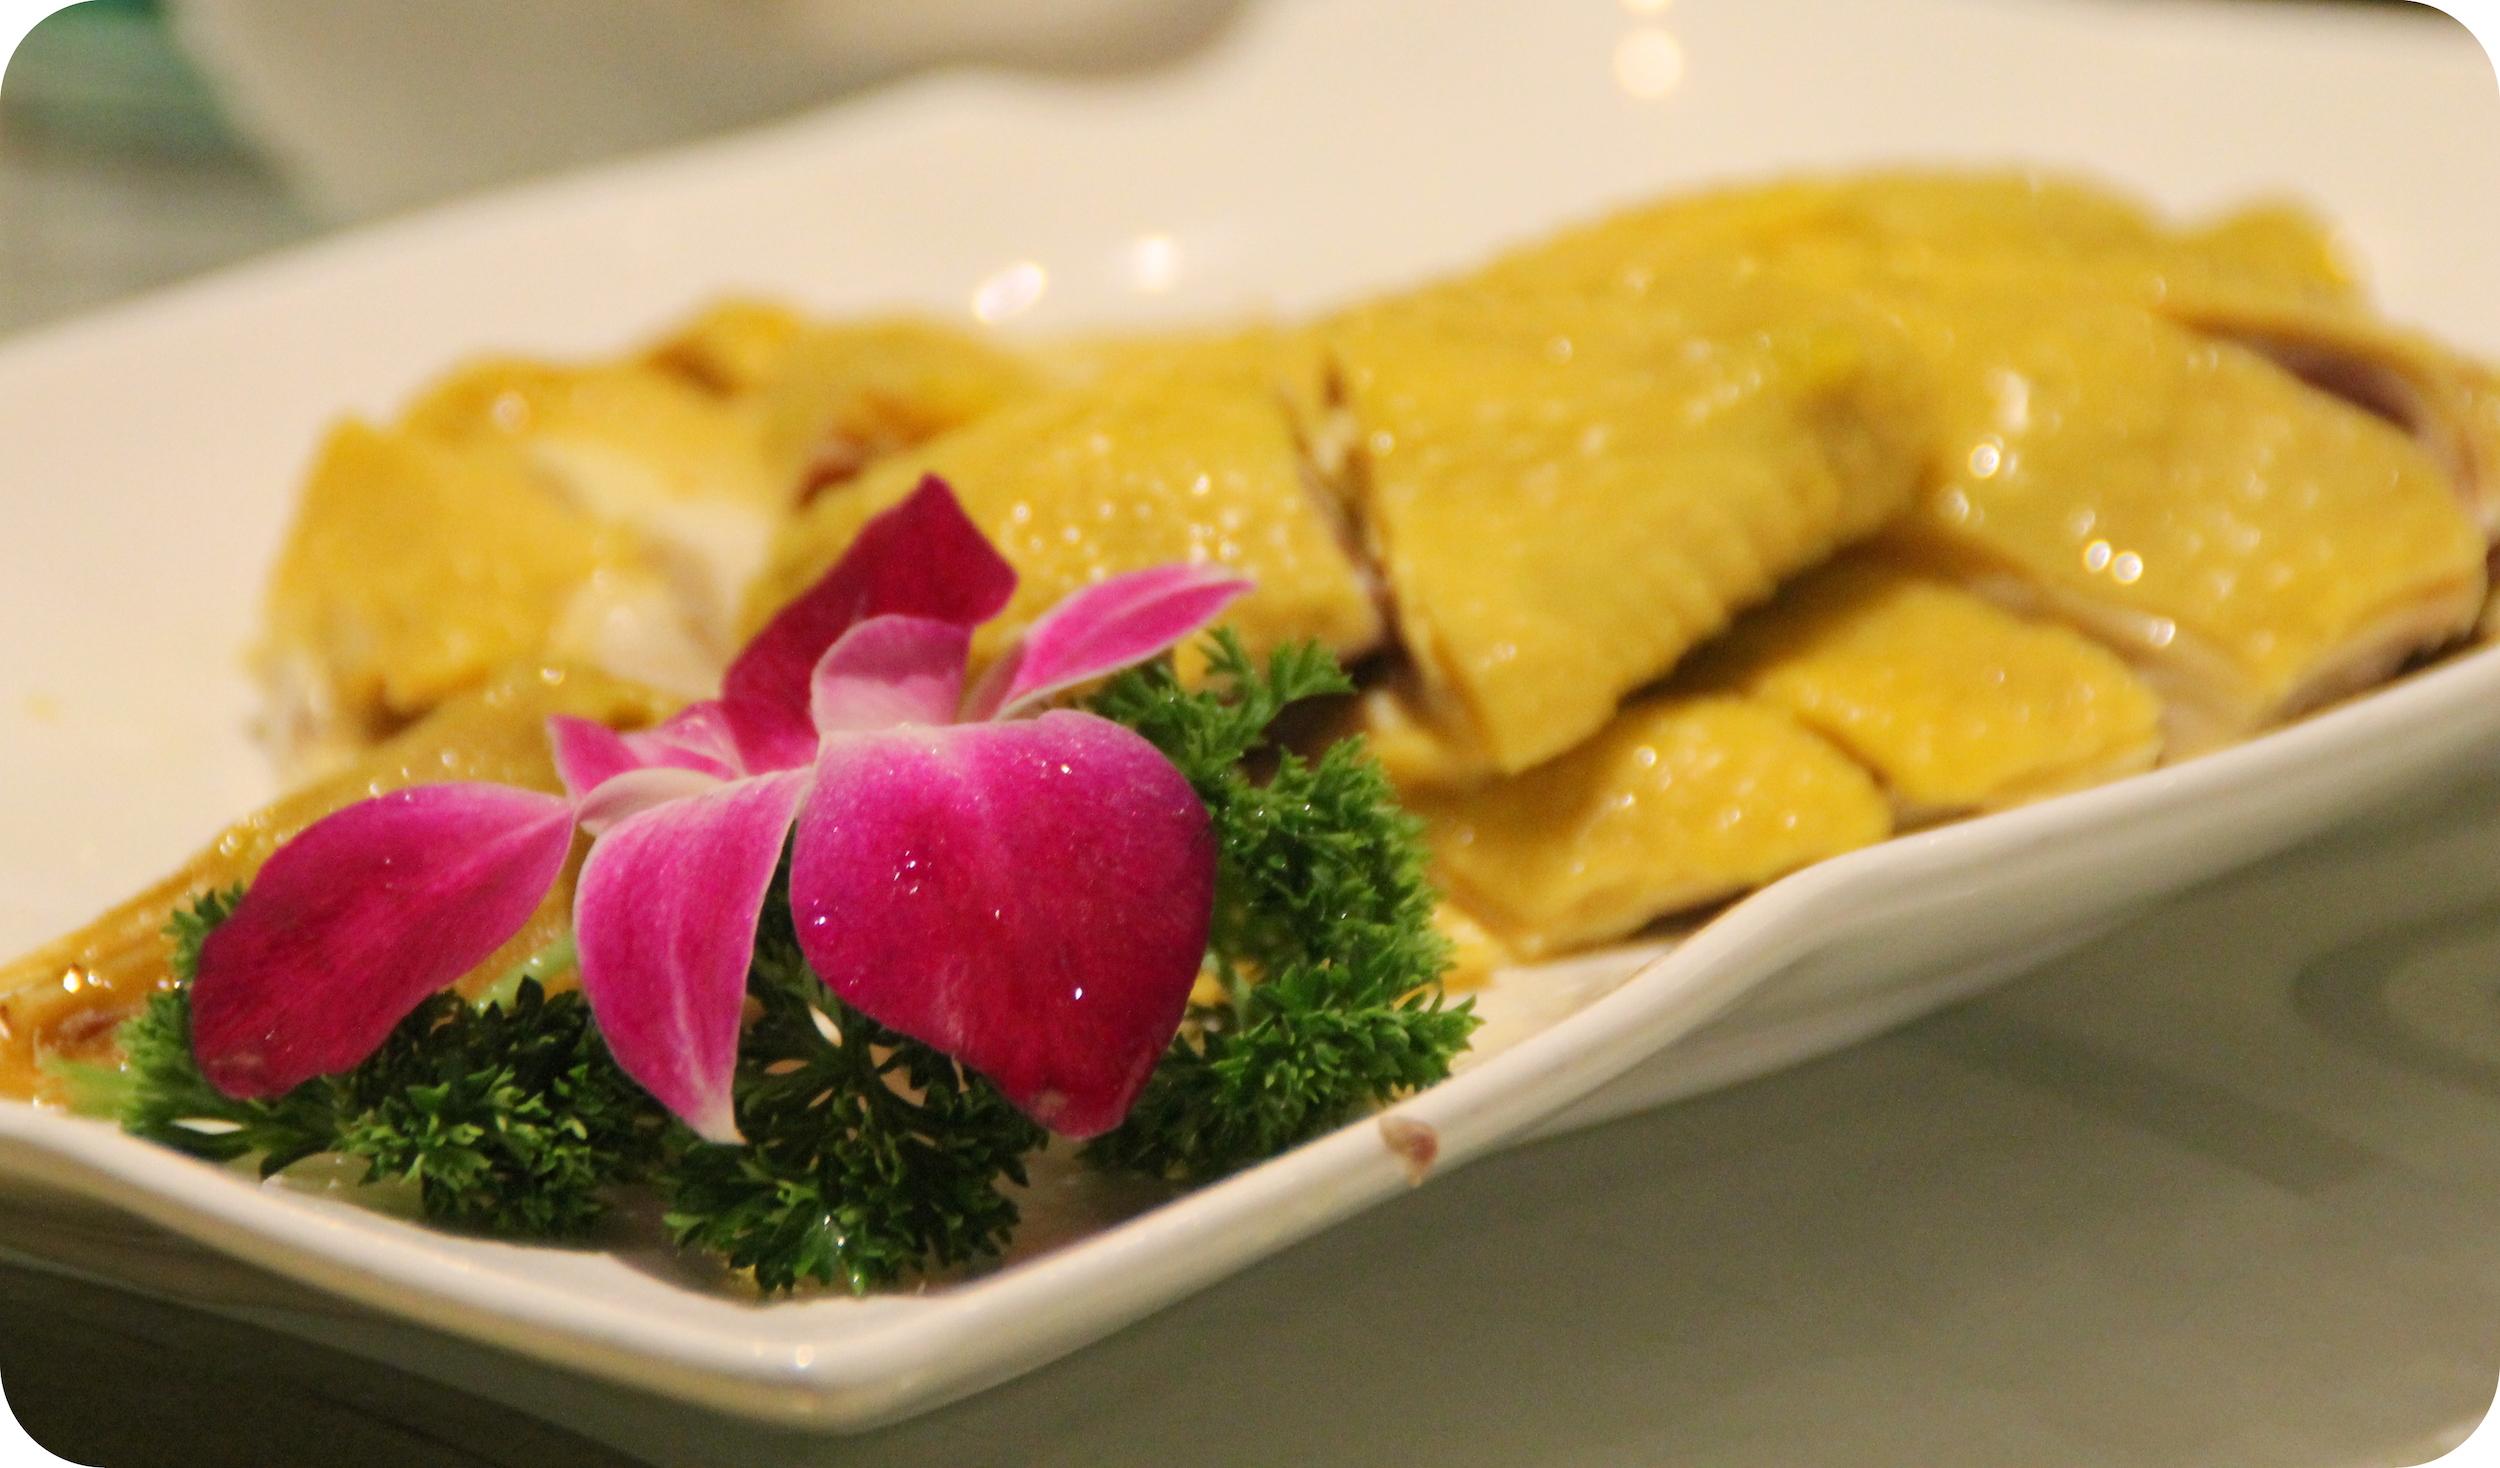 kiina-ravintola-kokemus